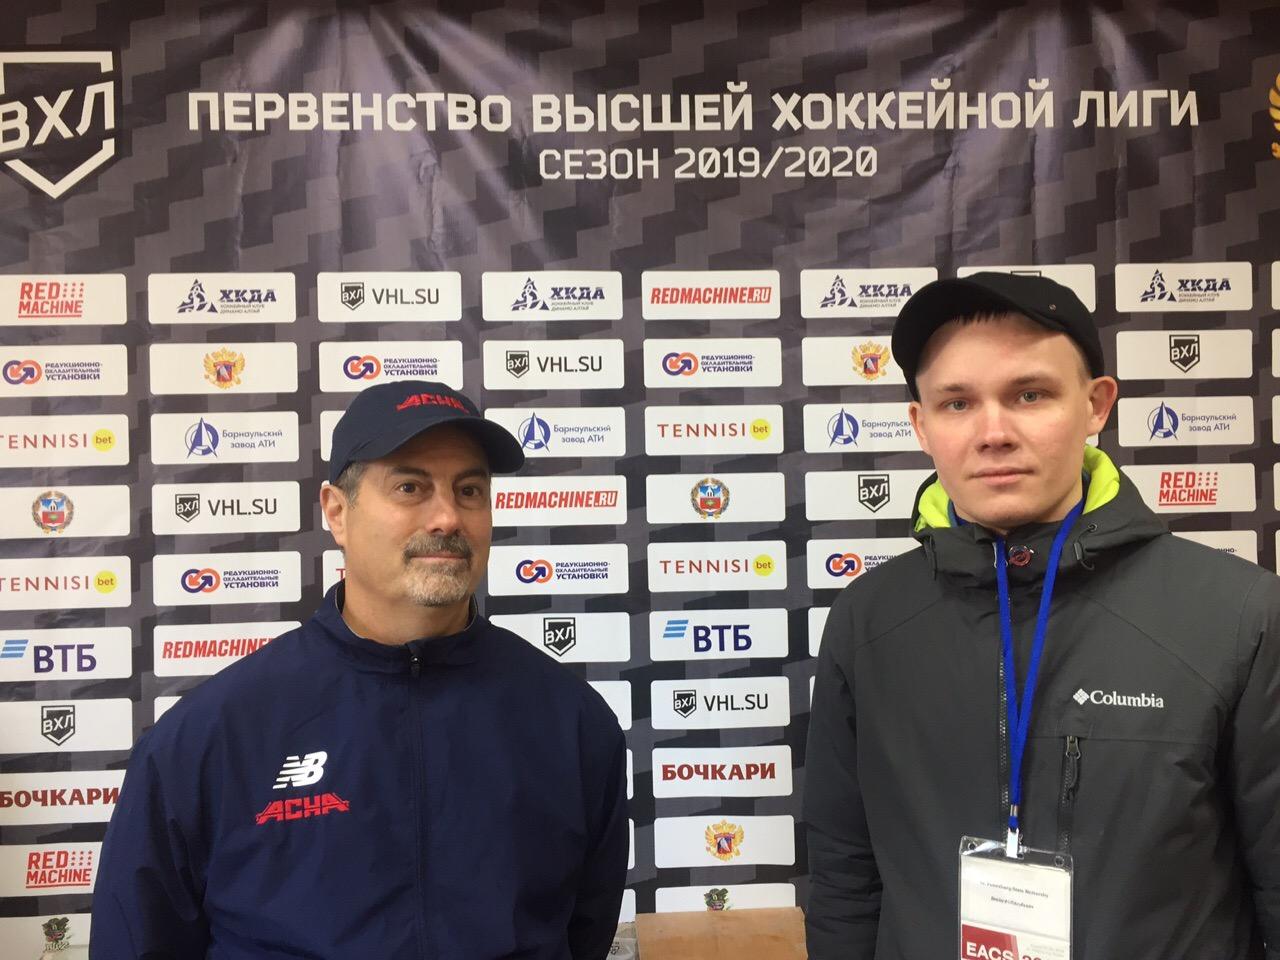 Студент ФИЯ выступил переводчиком у американской хоккейной команды